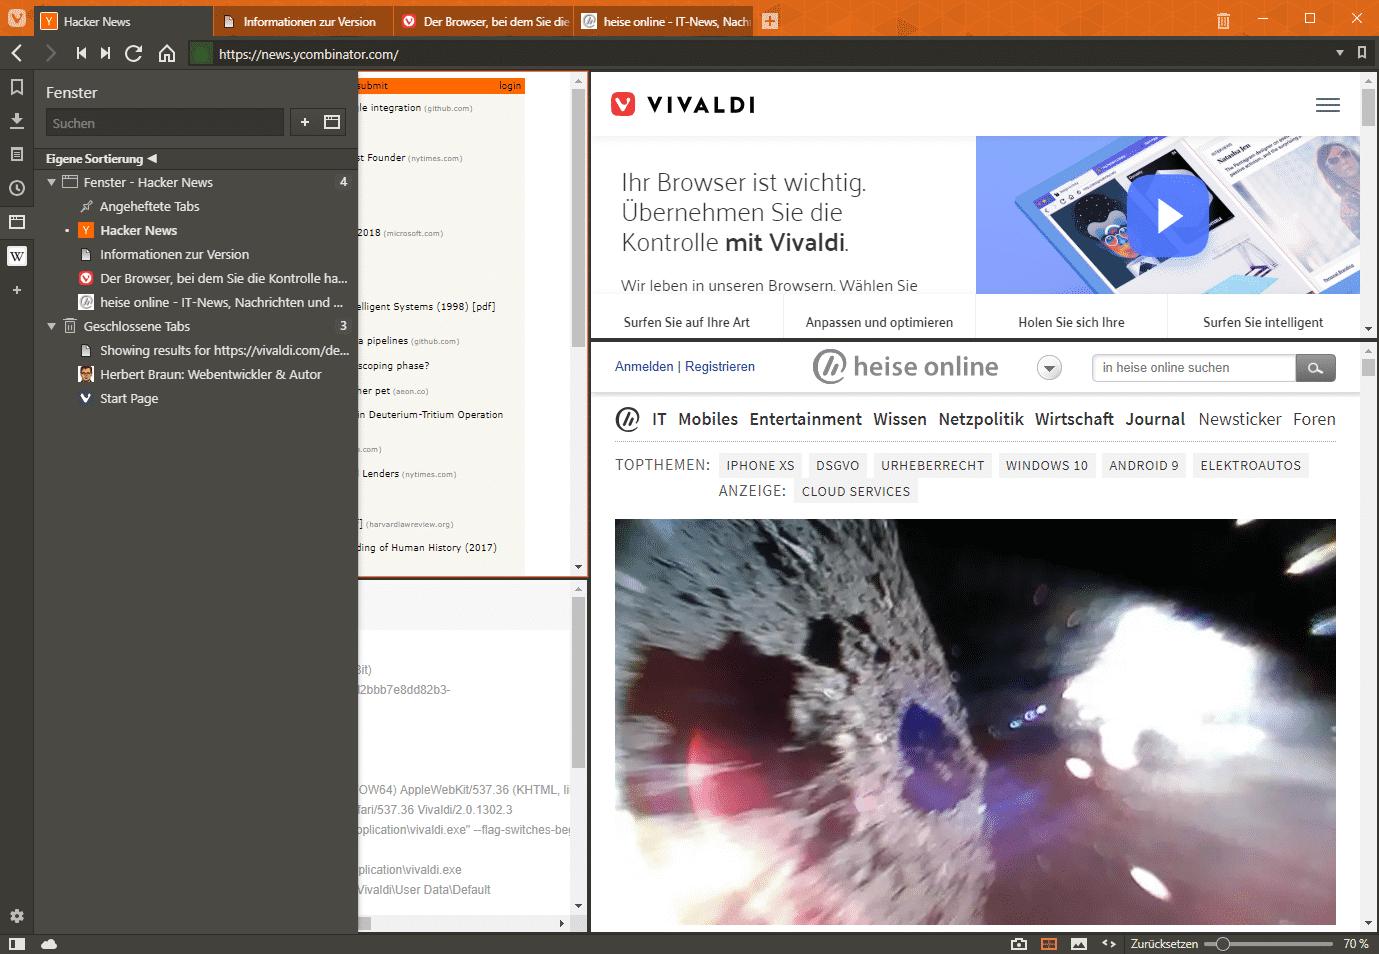 Vivaldi 2.0 kann gekachelte Tabs skalieren und die Seitenleiste über die Inhalte legen. Das Cloud-Icon unten links führt zur Account-Synchronisierung.